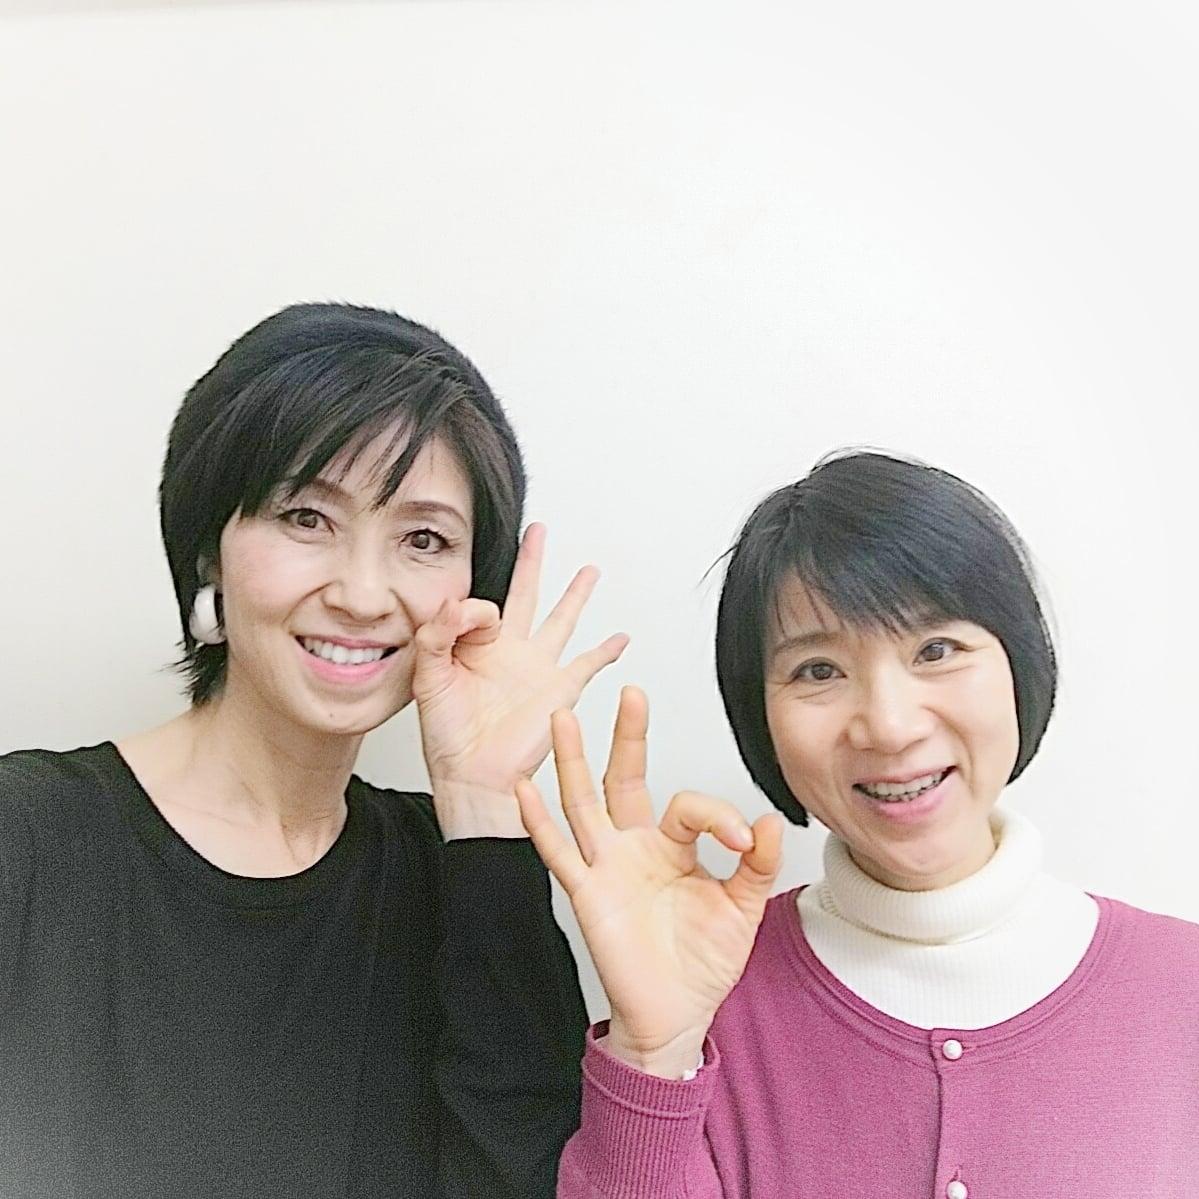 【ご希望日可能】zoomズーム顔ヨガレッスン 顔ヨガ東京 オンラインのイメージその2